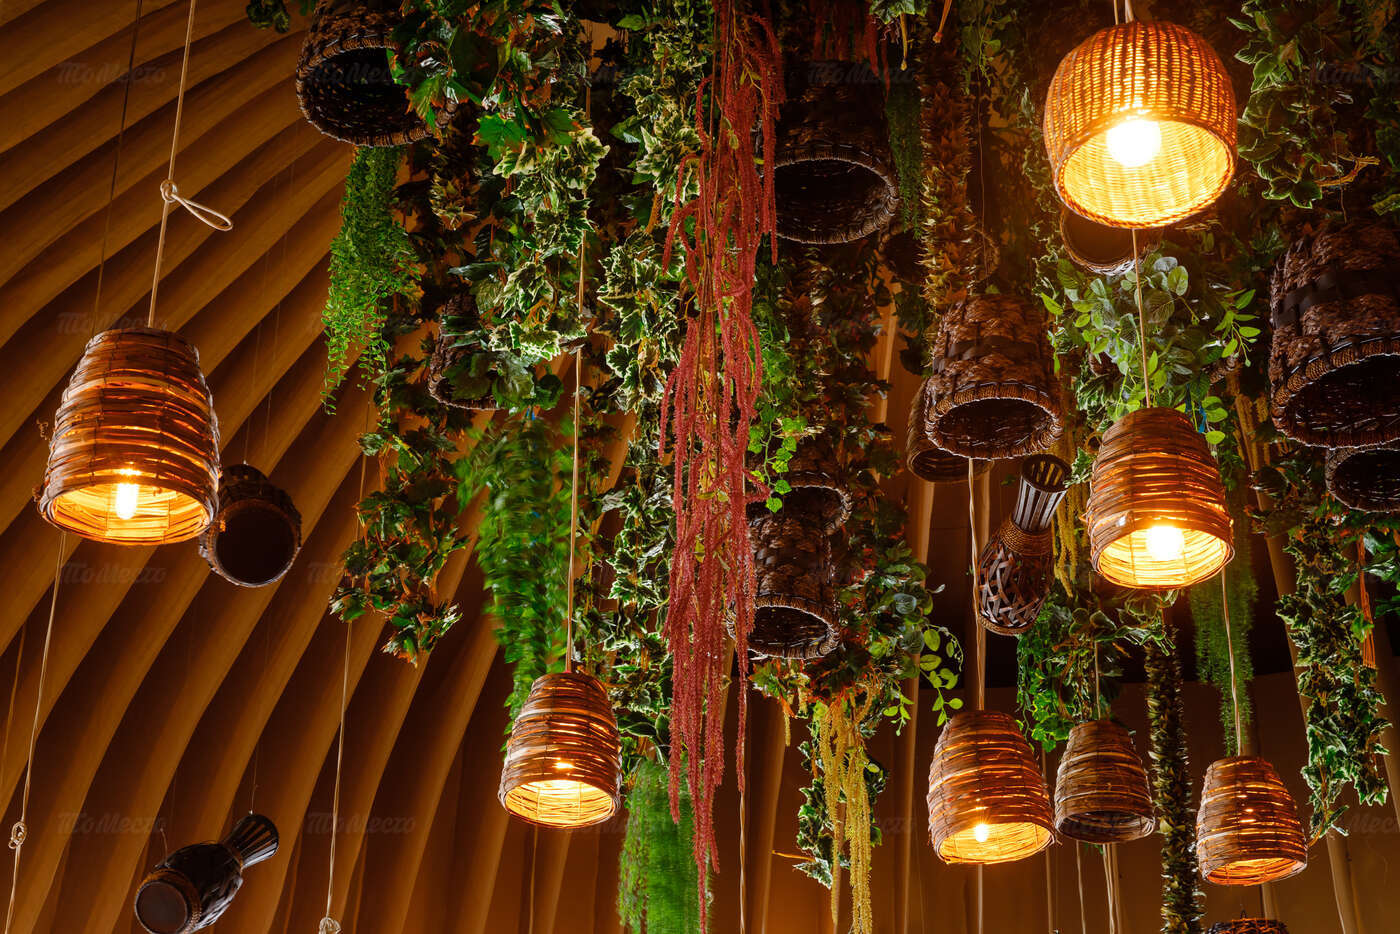 Ресторан Баран в Казан на Марксистской фото 3